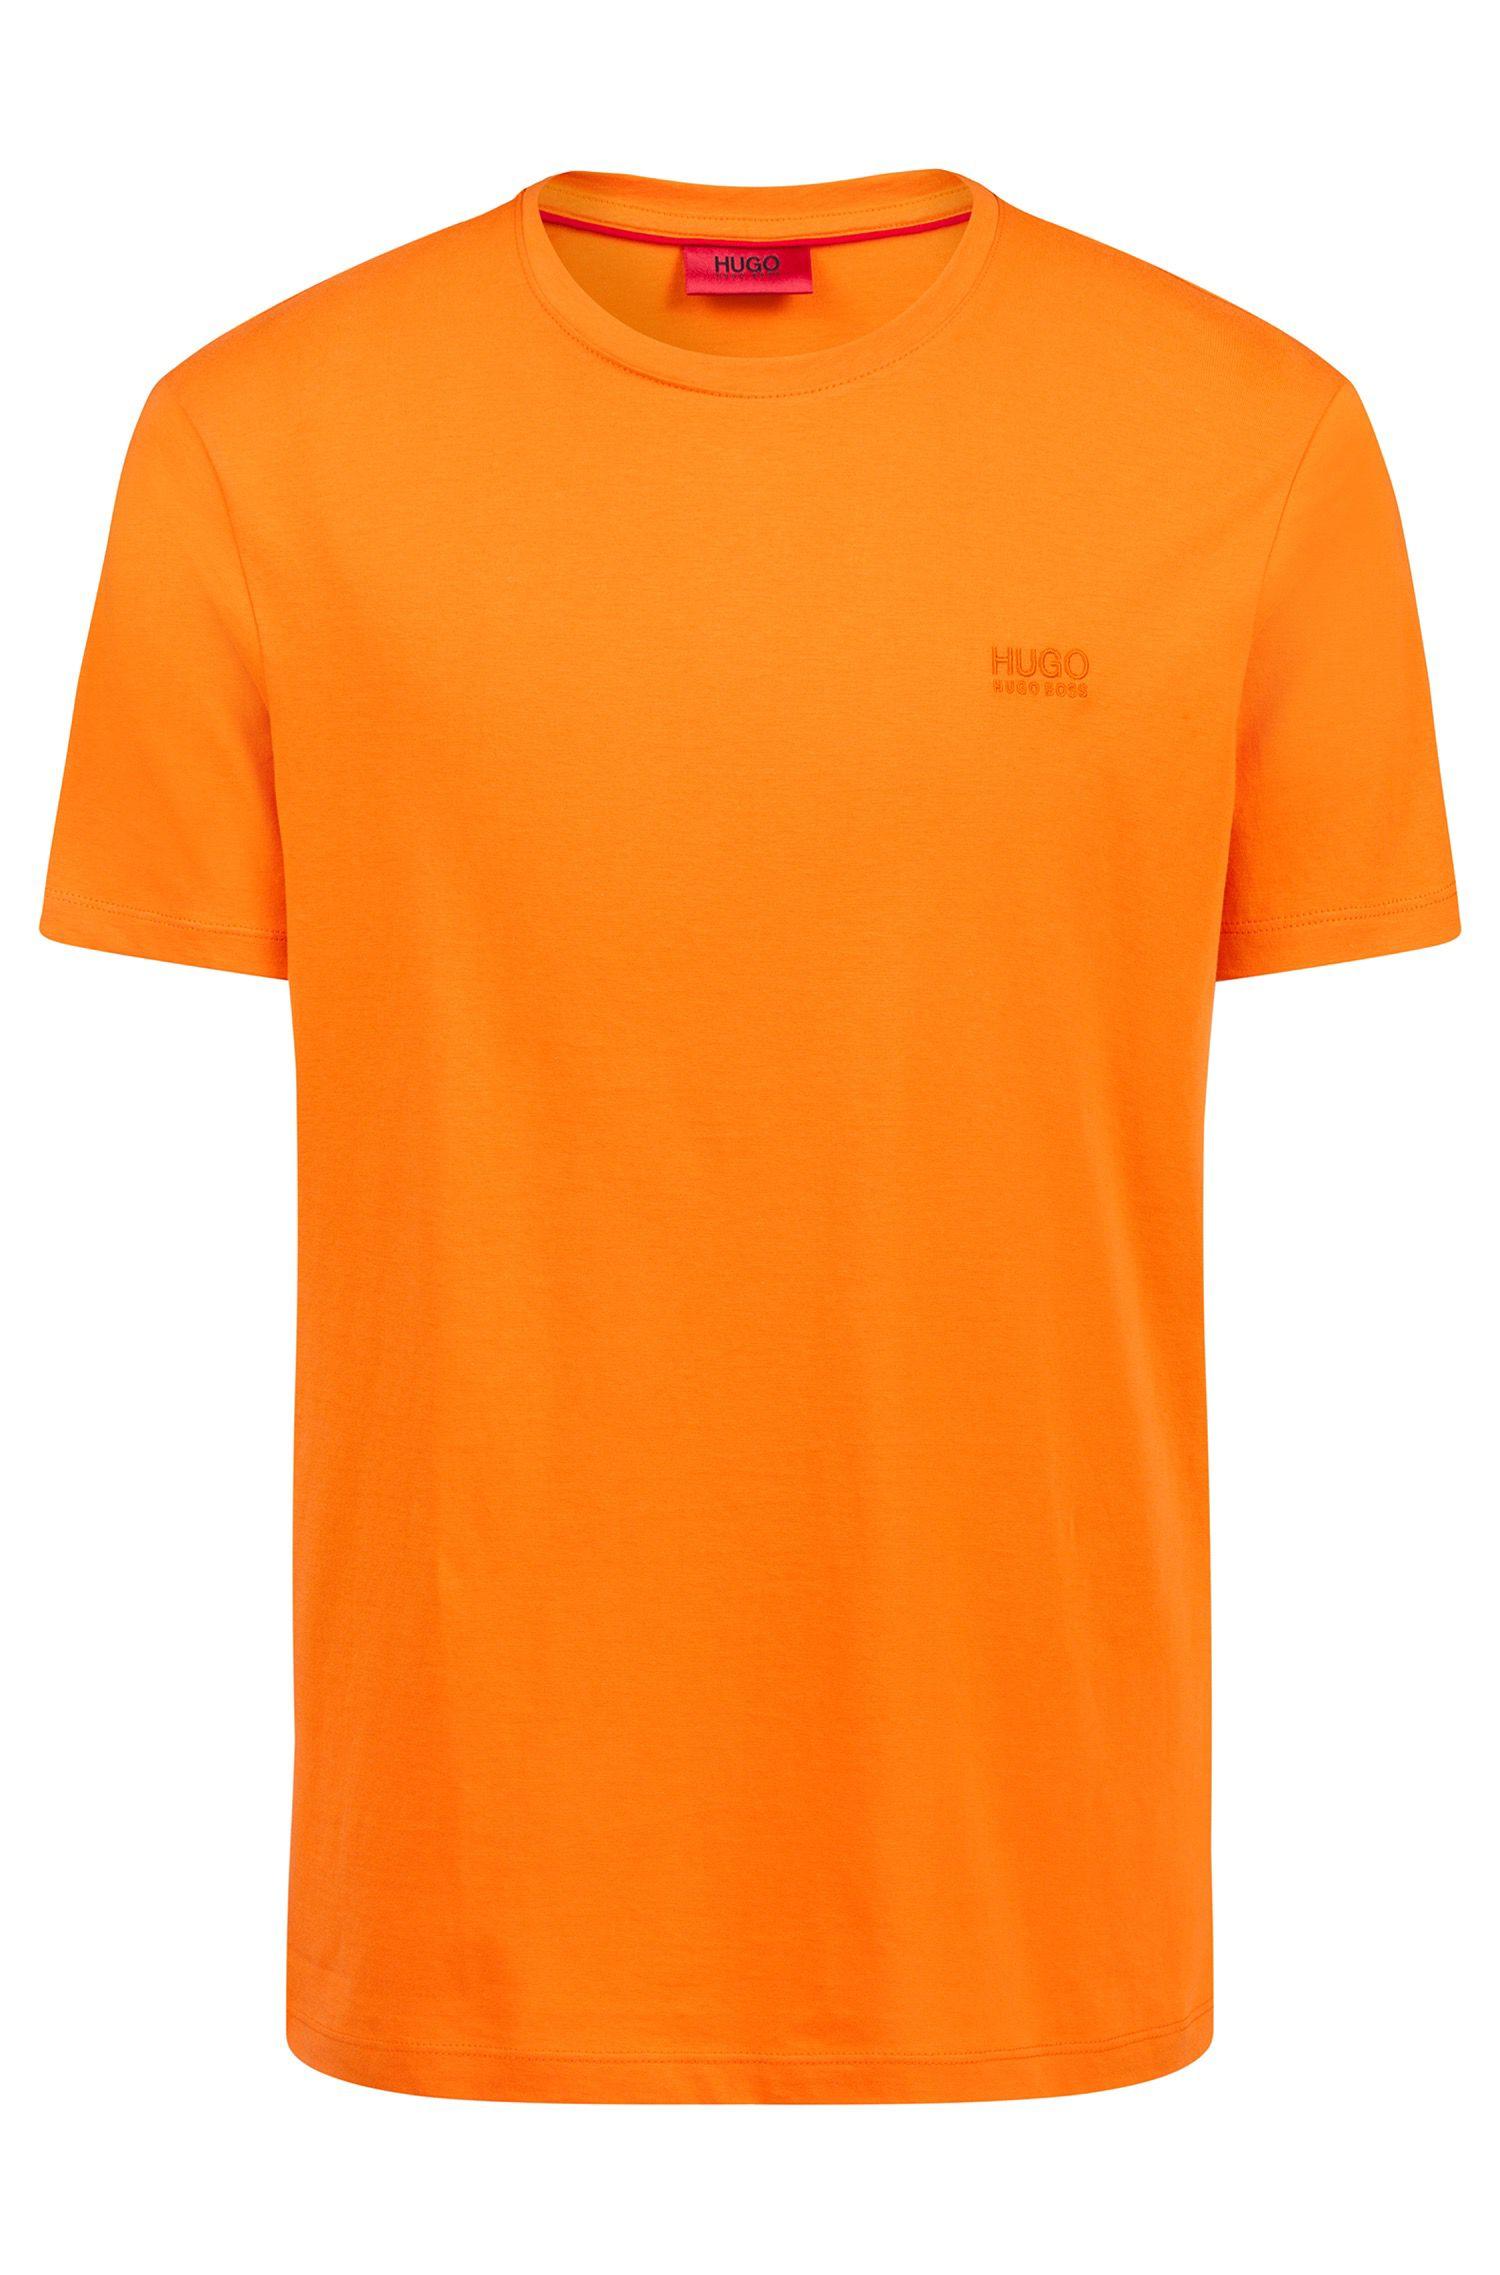 Regular-Fit T-Shirt aus weicher Baumwolle mit Logo, Orange